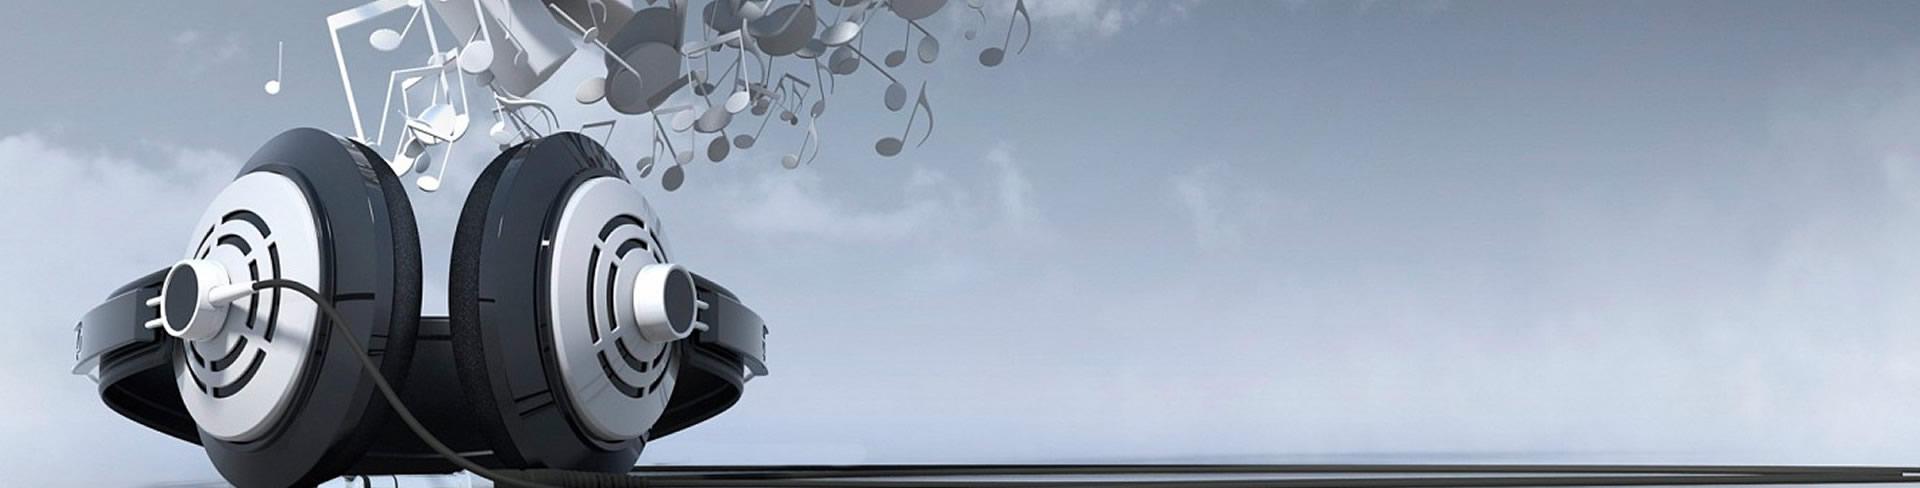 Música y canciones para la entrada de las fiestas de cumpleaños de ...